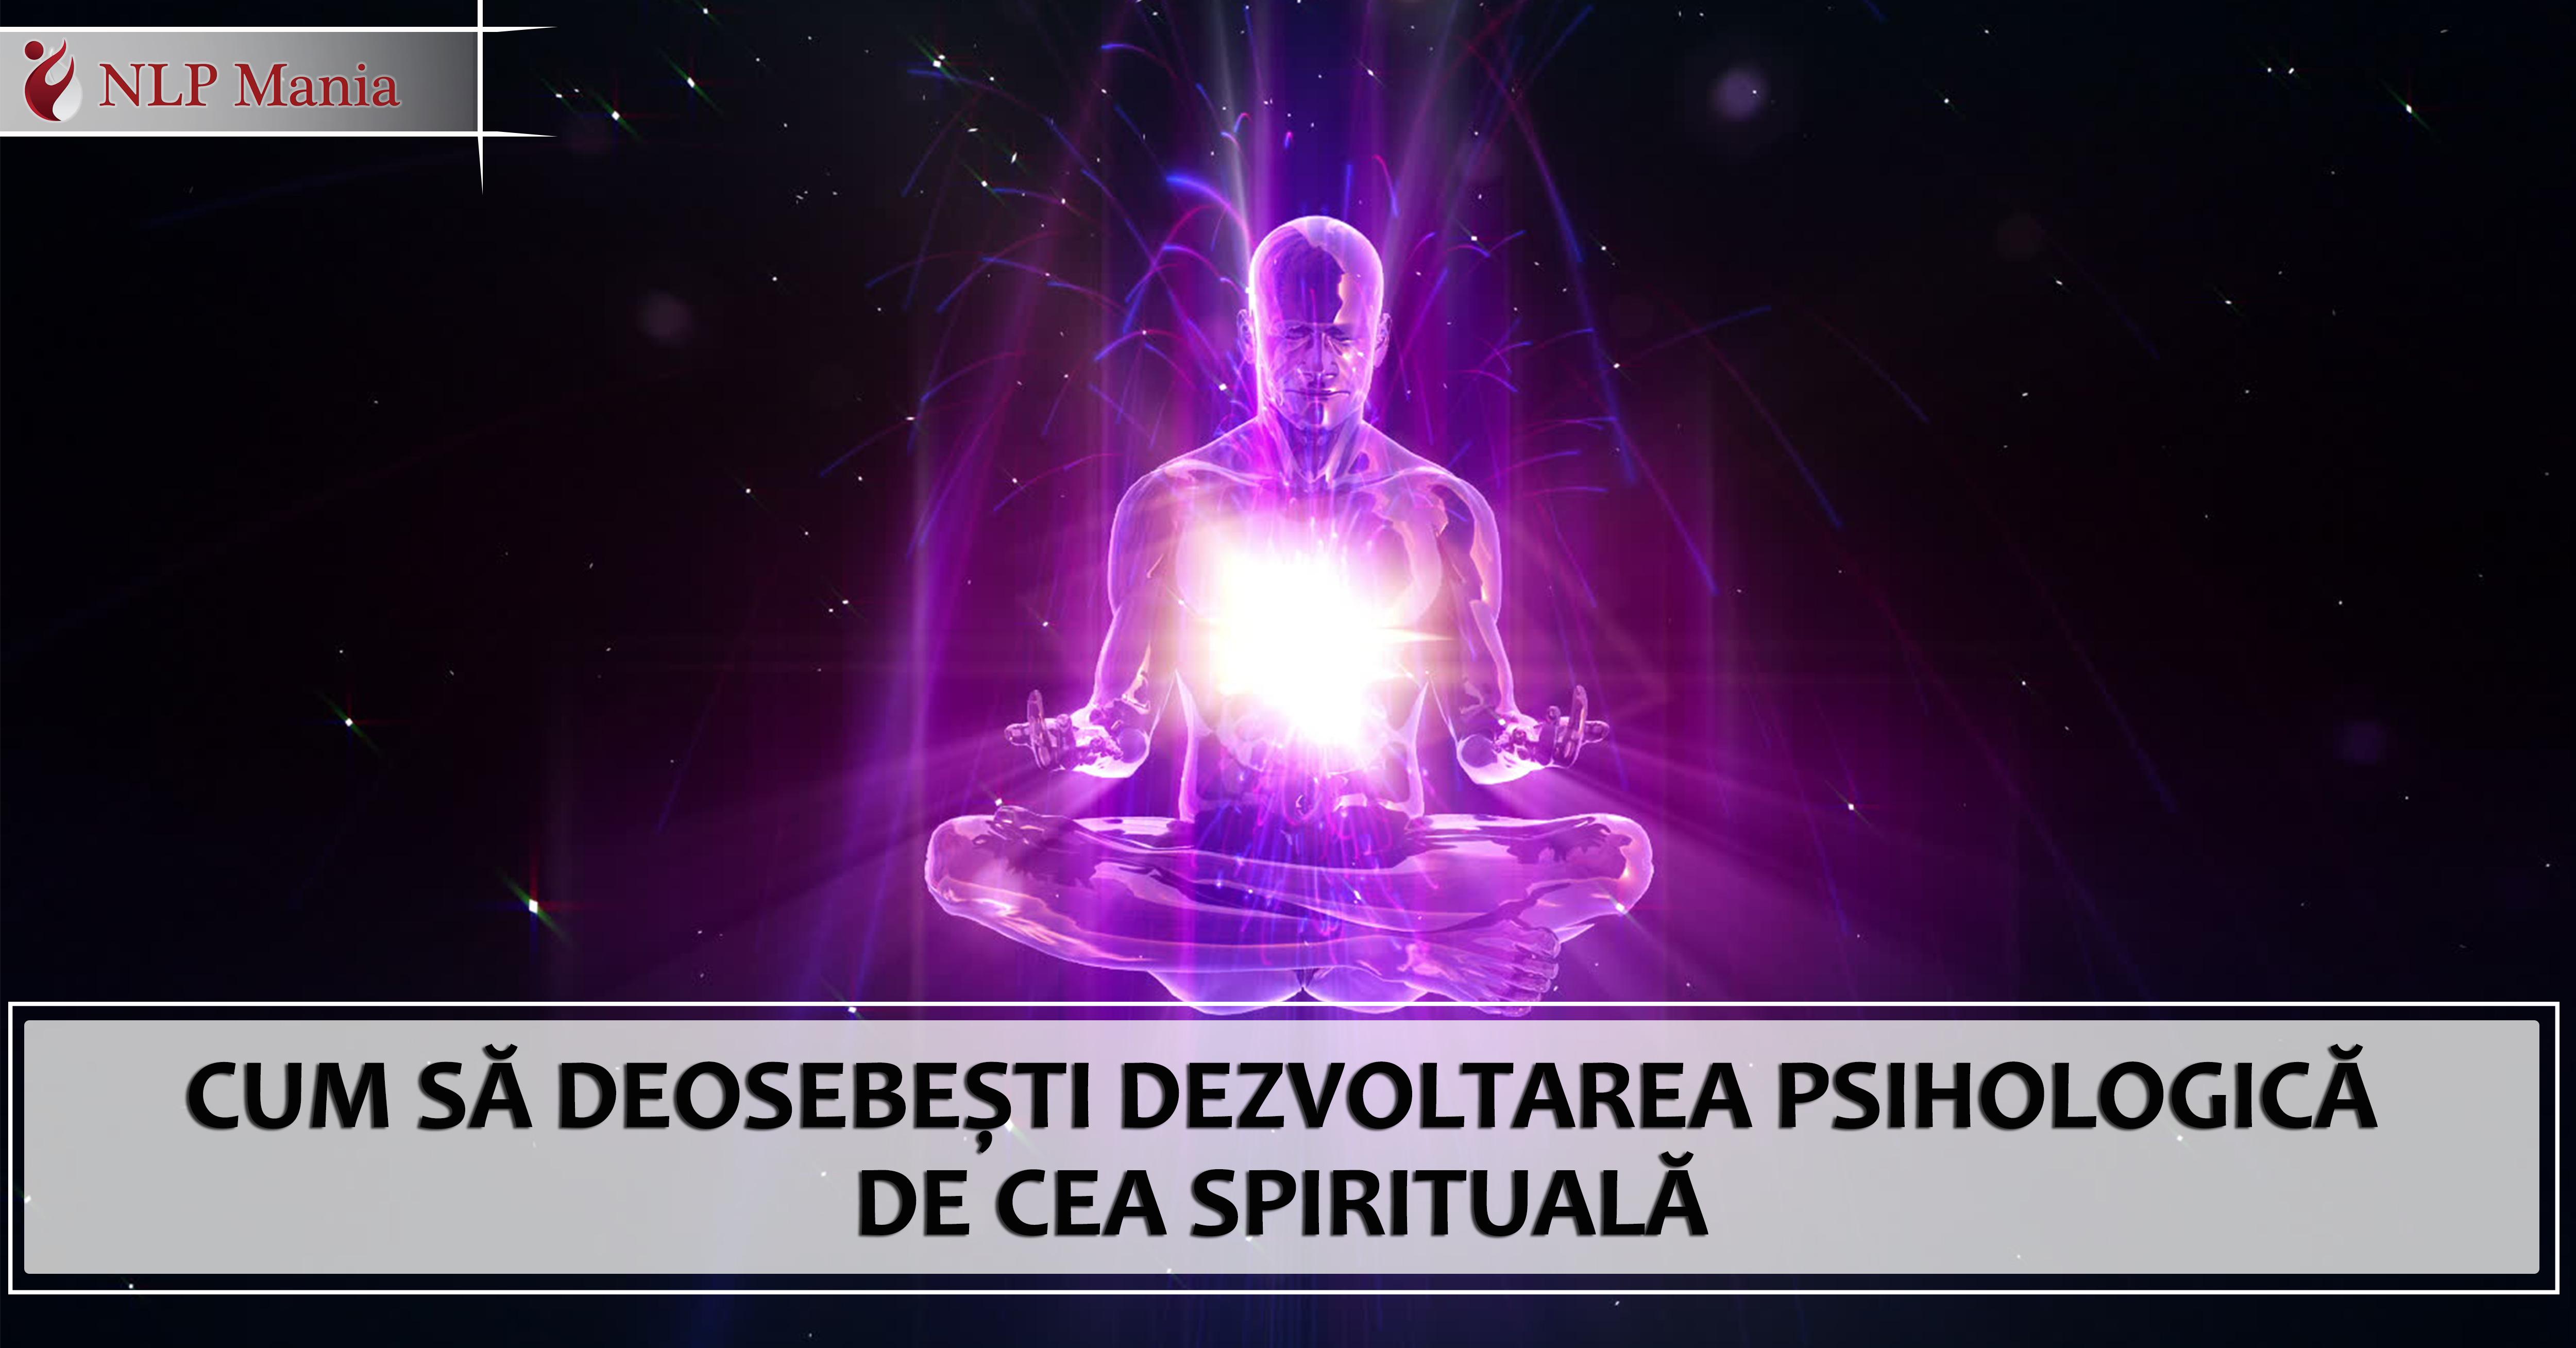 Imagini pentru manipularea spirituala